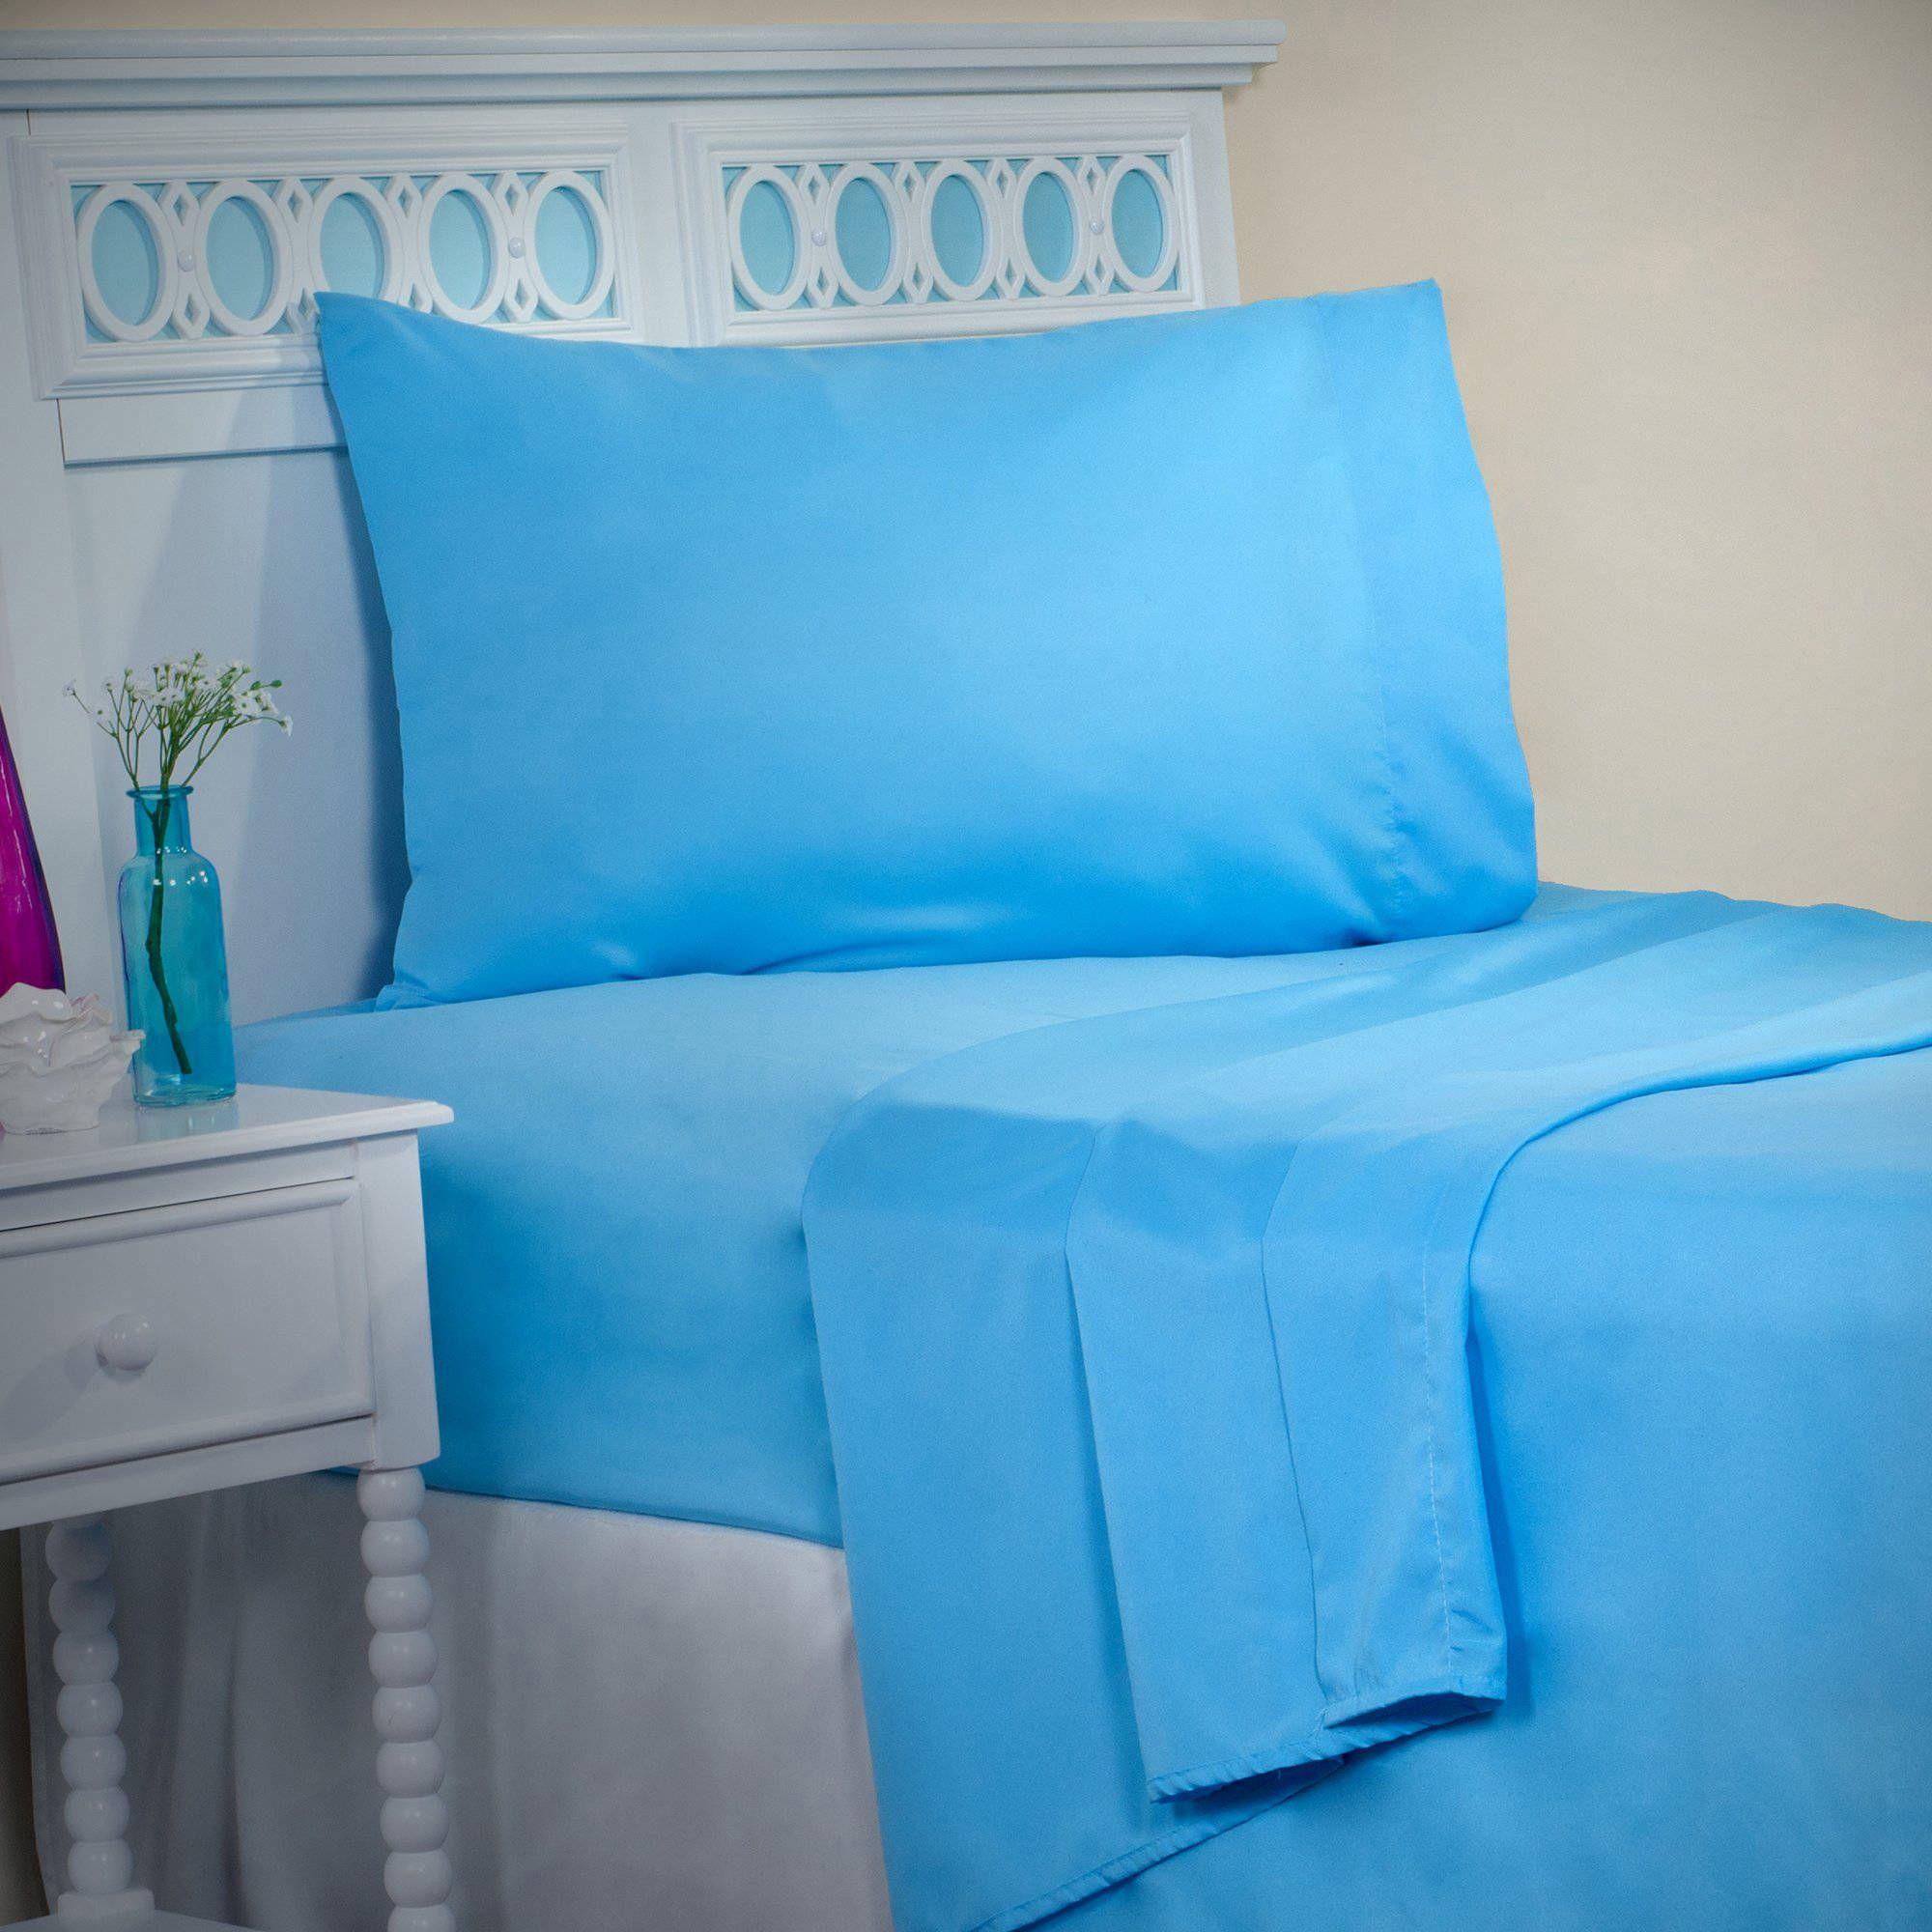 Somerset Home Series 1200 3Piece Twin Sheet Set, Blue Sale